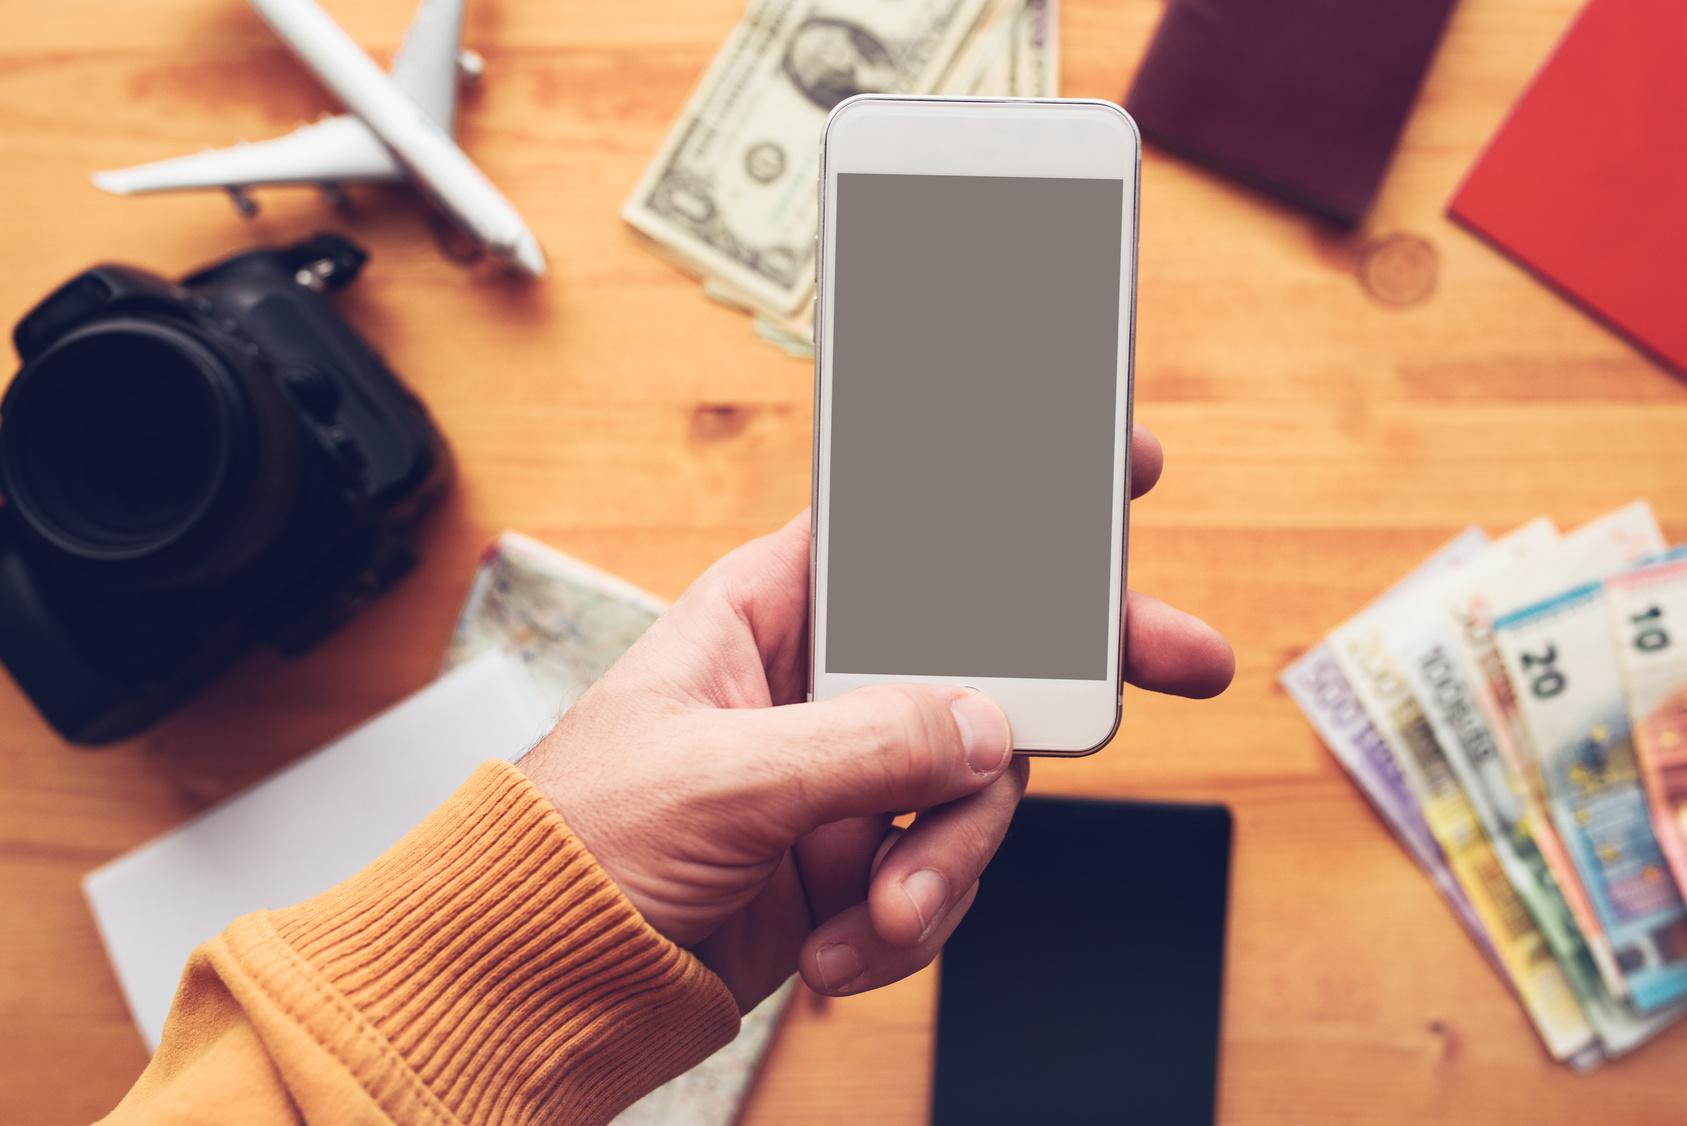 Preços de passagens, hospedagem, lugares para visitar... apps oferecem diversas ferramentas para facilitar a vida/ Foto: Fotolia